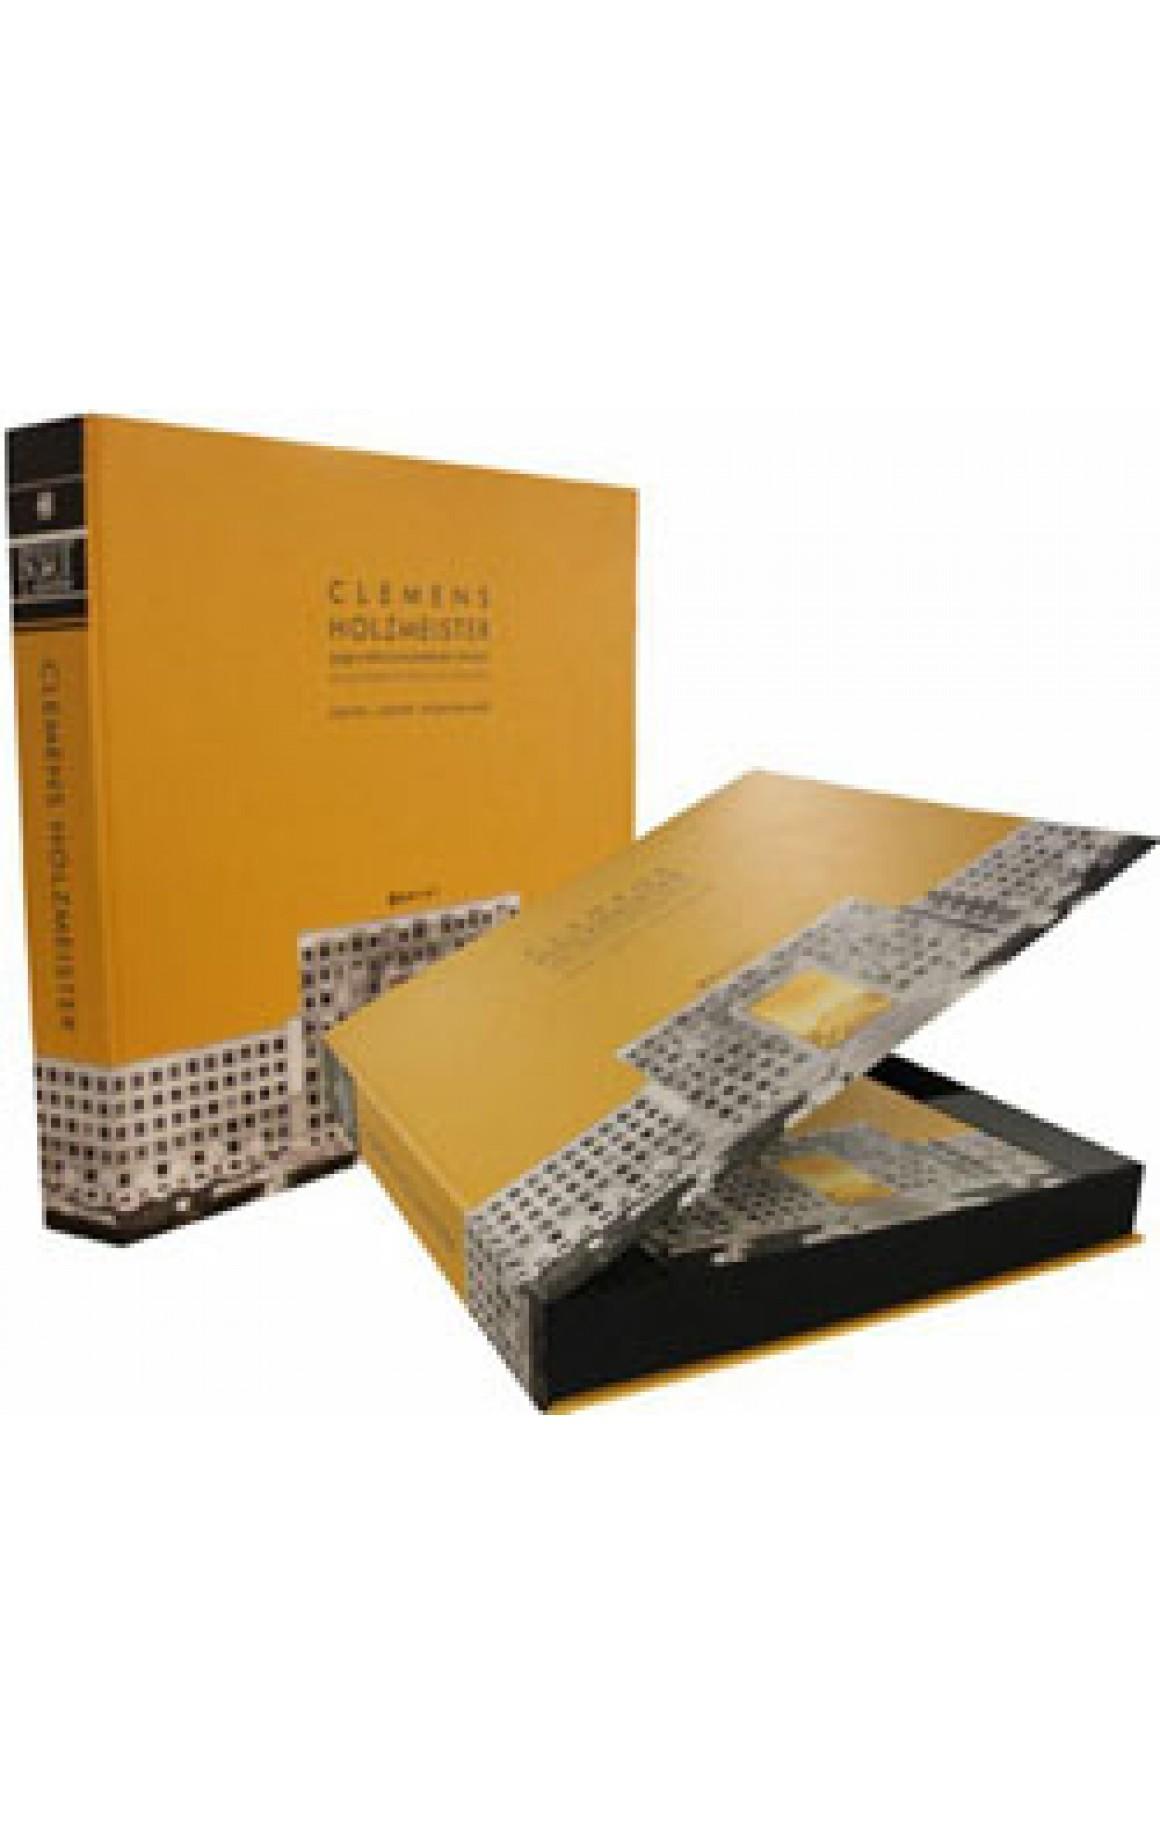 Clemens Holzmeister - Çağın Dönümünde Bir Mimar-Ciltli Kitap